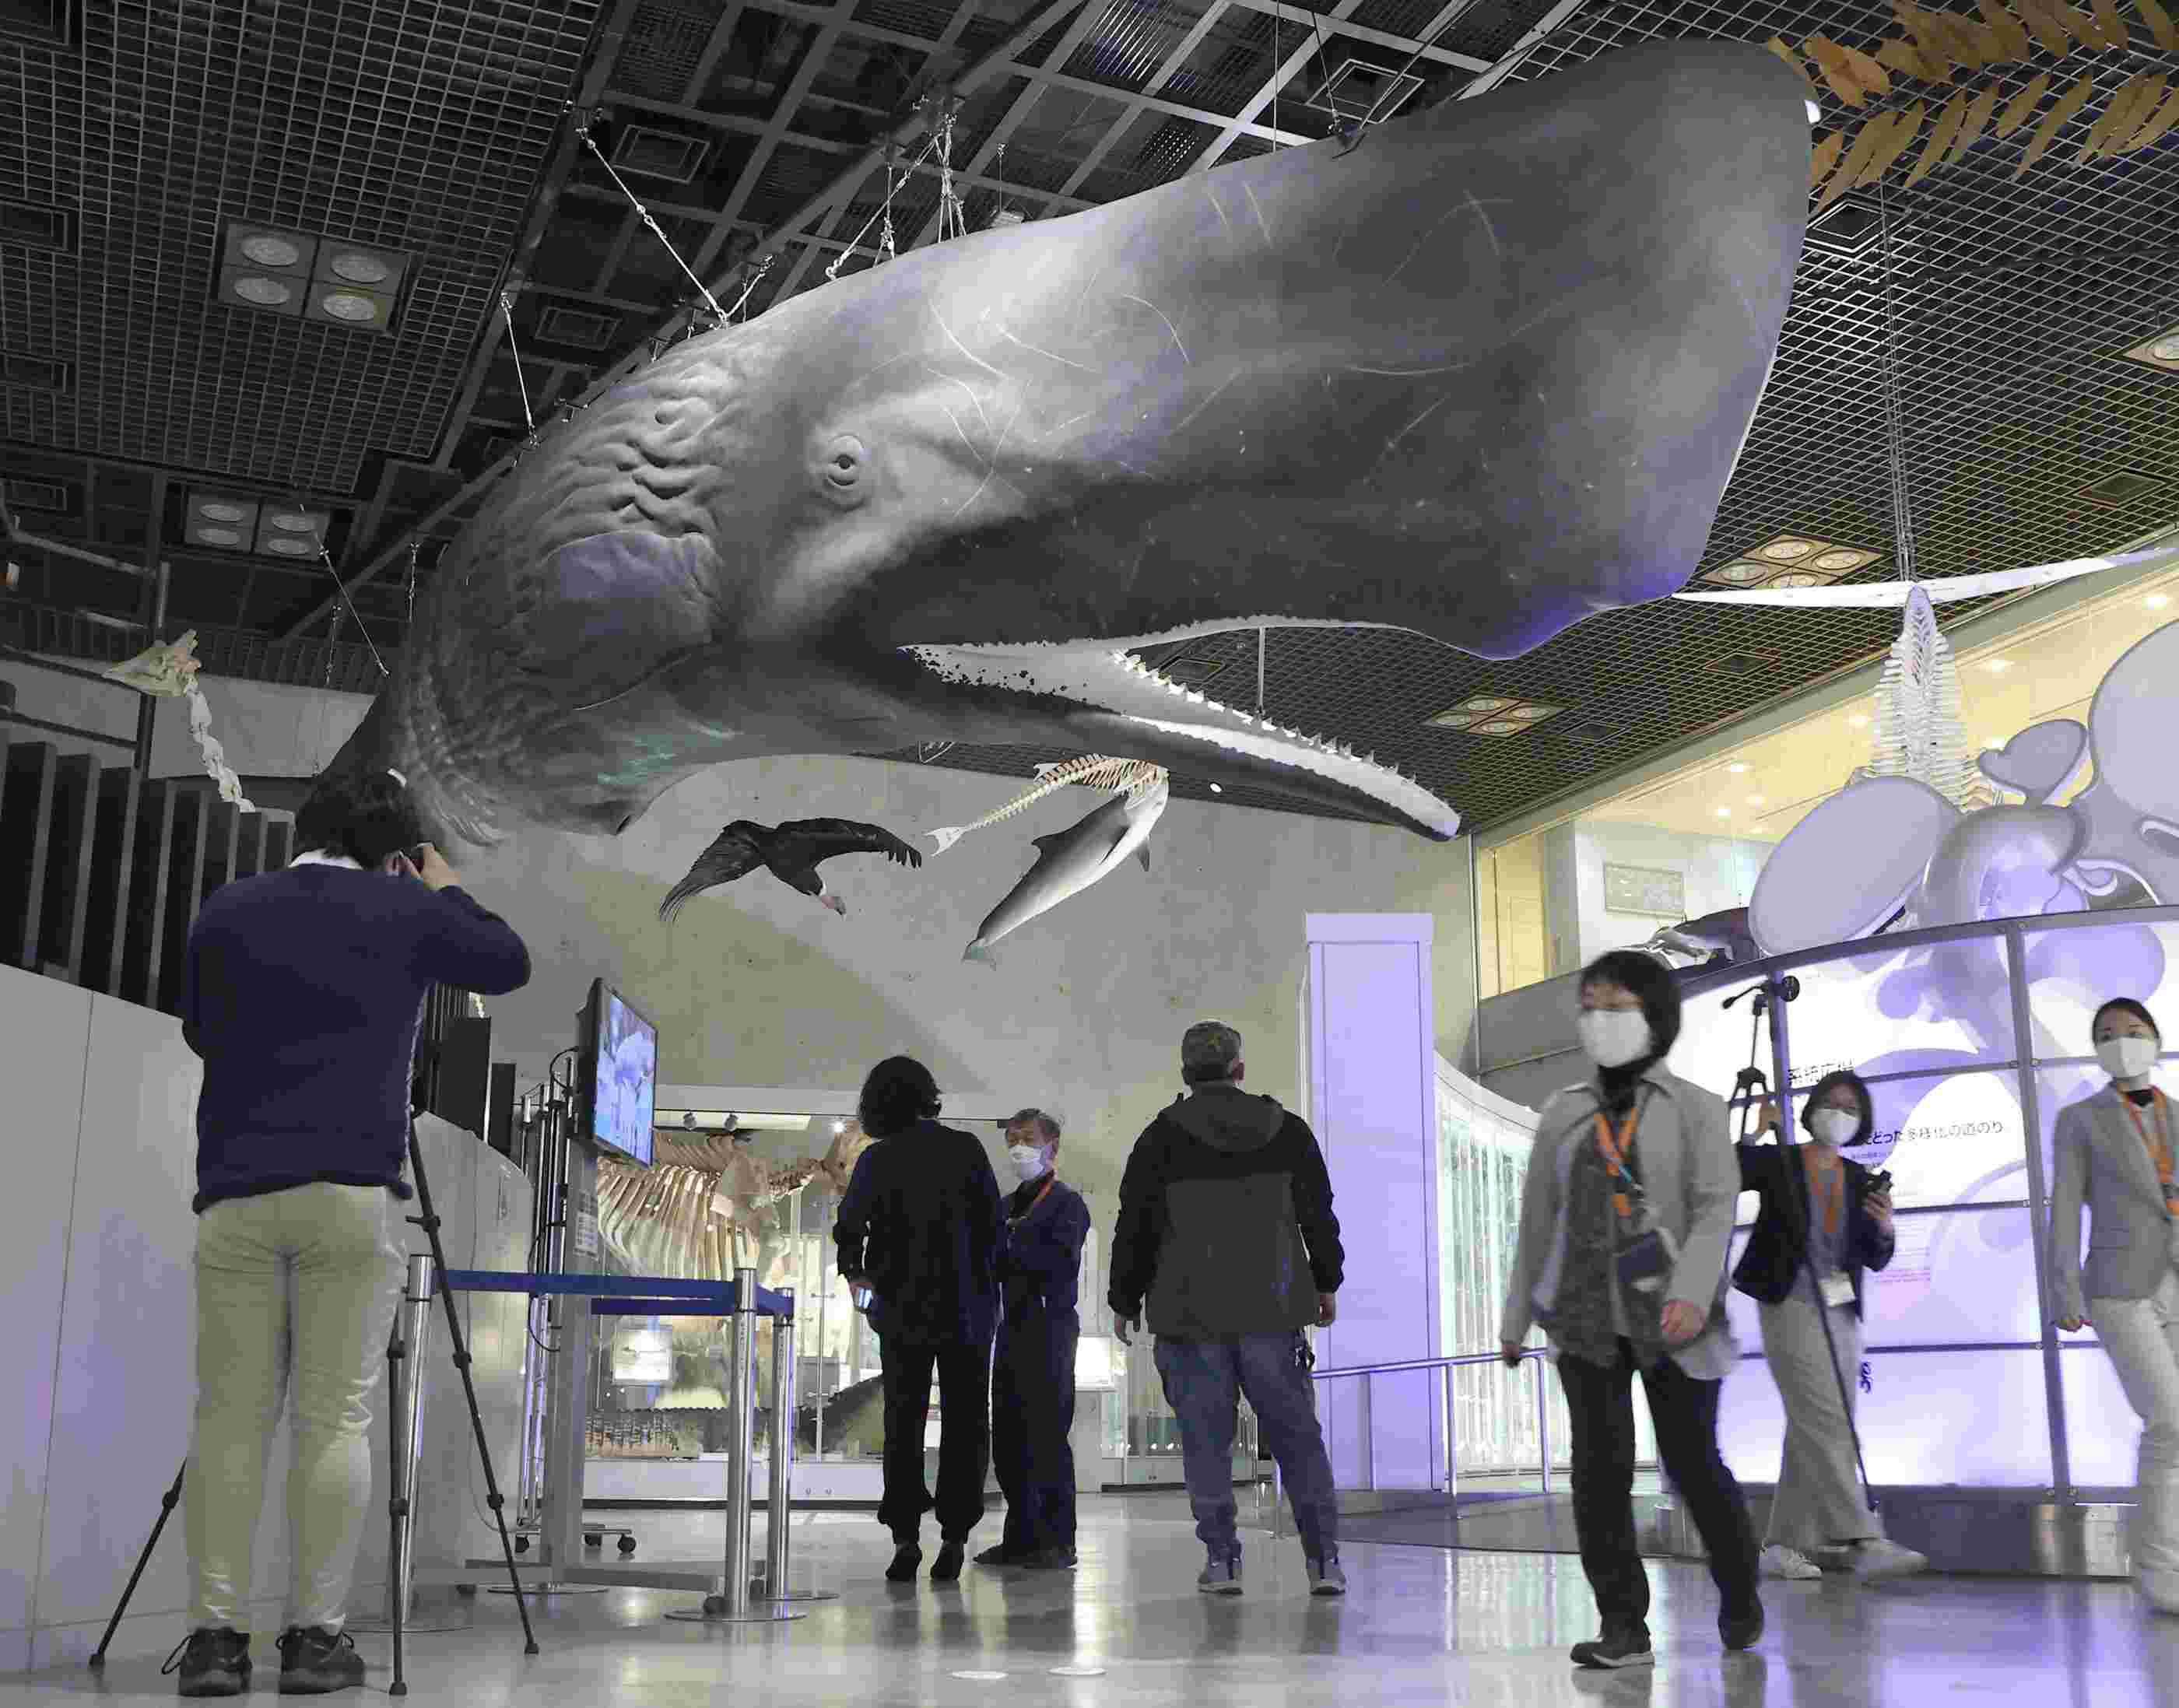 日本国立自然科学博物馆展出抹香鲸标本 长约13.77米